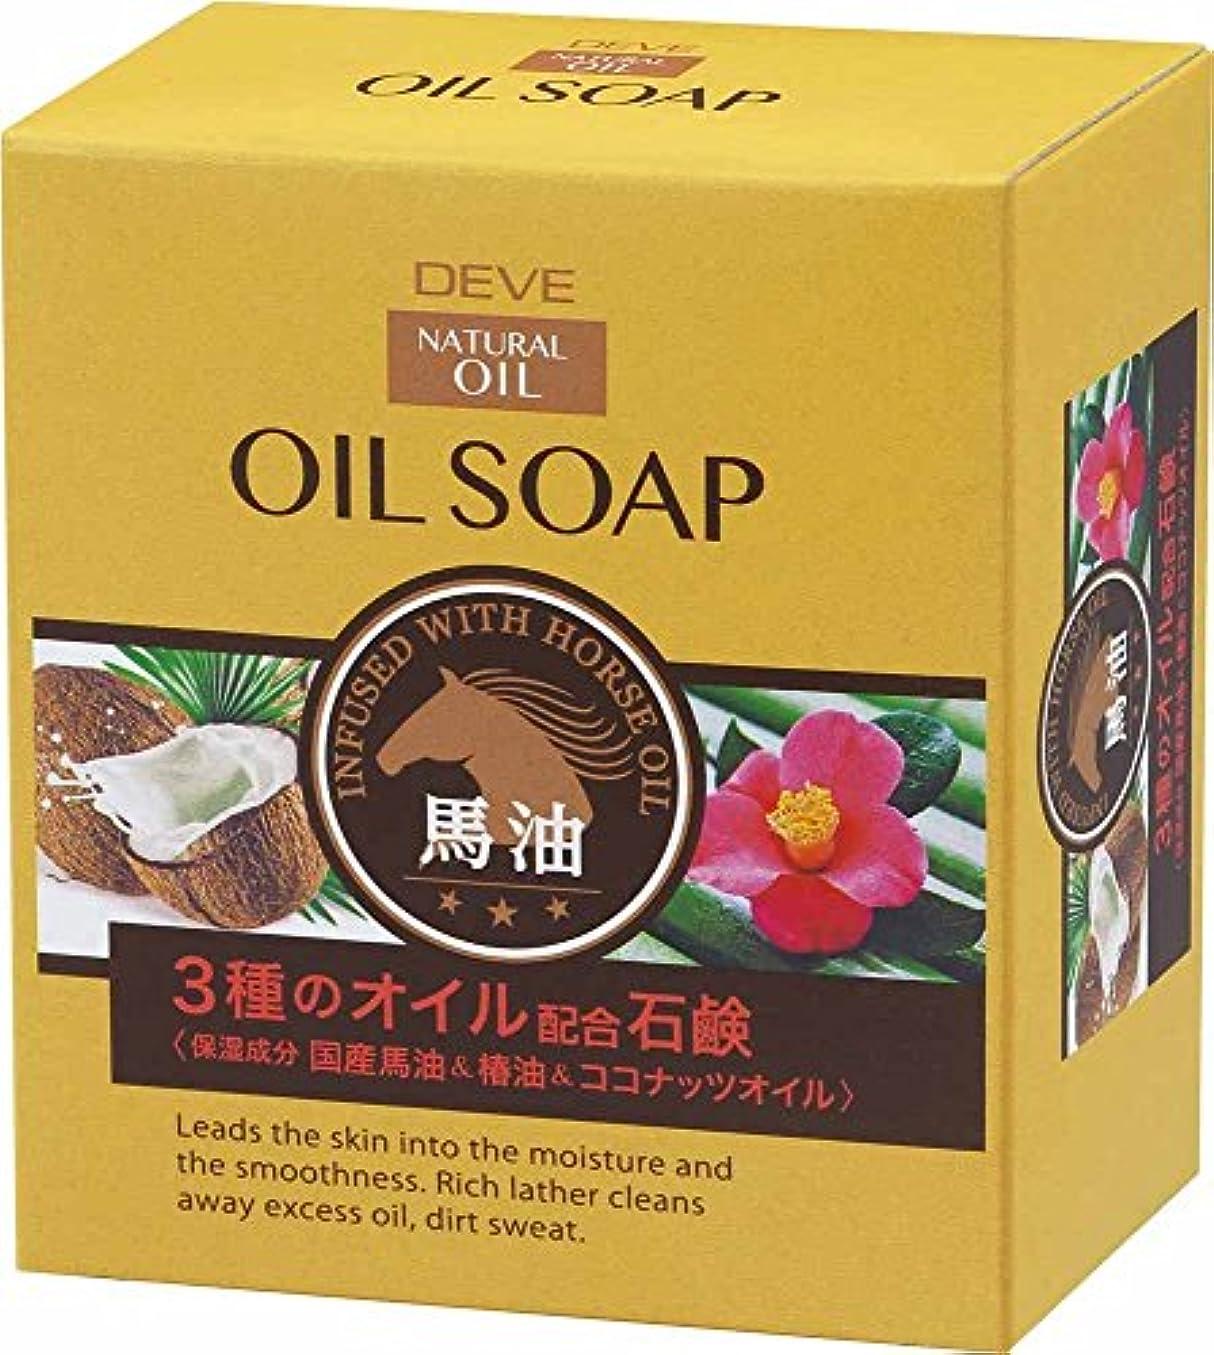 銛うん持続的ディブ 3種のオイルせっけん(馬油?椿油?ココナッツオイル) 100g